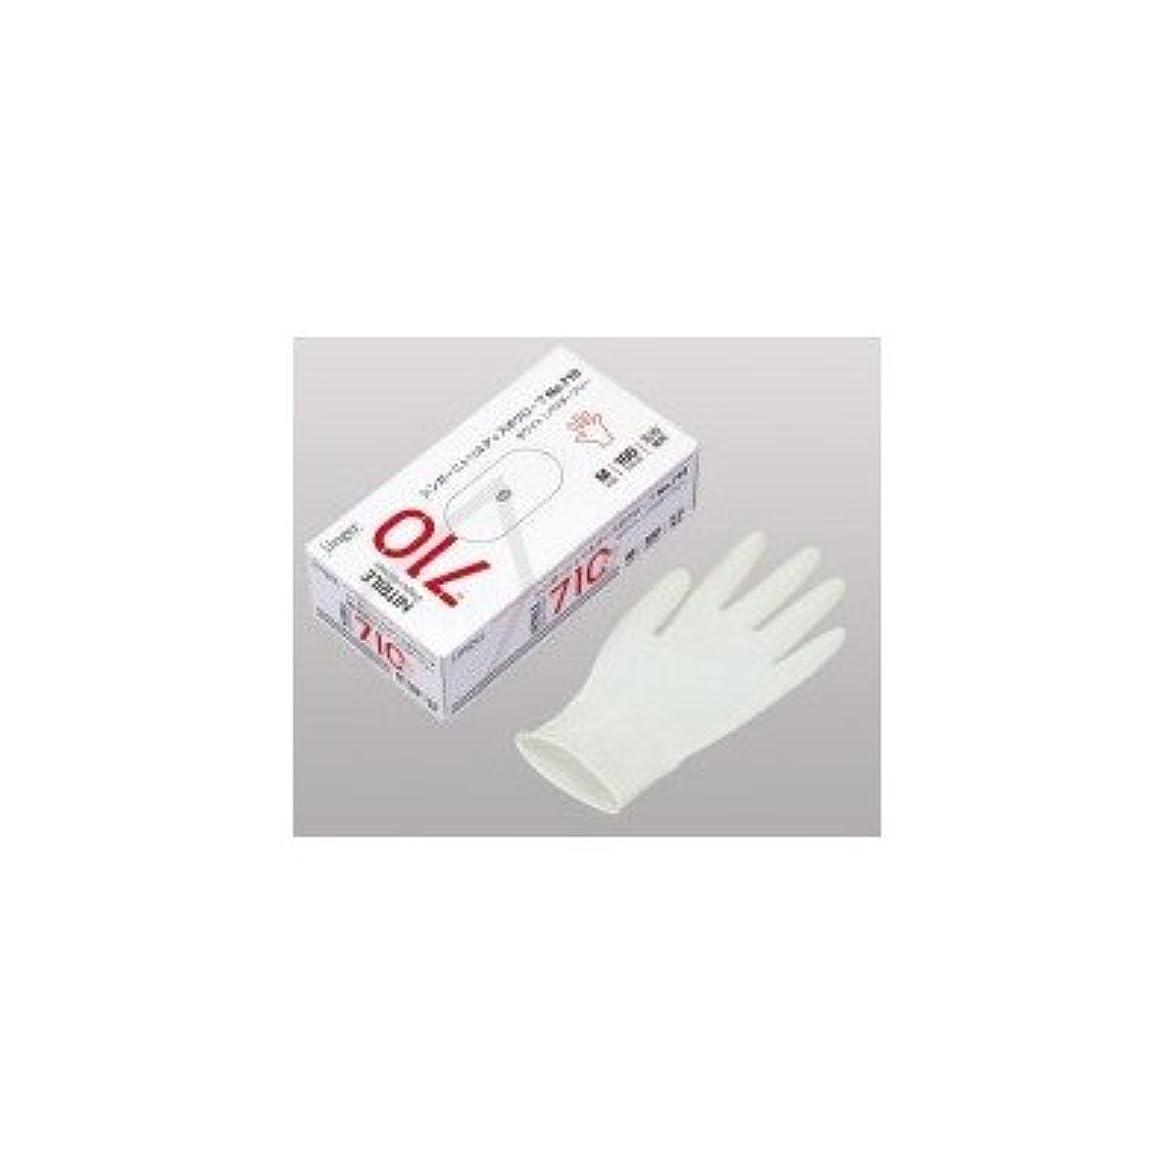 失速わずらわしい材料シンガー ニトリルディスポグローブ(手袋) No.710 ホワイト パウダーフリー(100枚) L( 画像はイメージ画像です お届けの商品はLのみとなります)